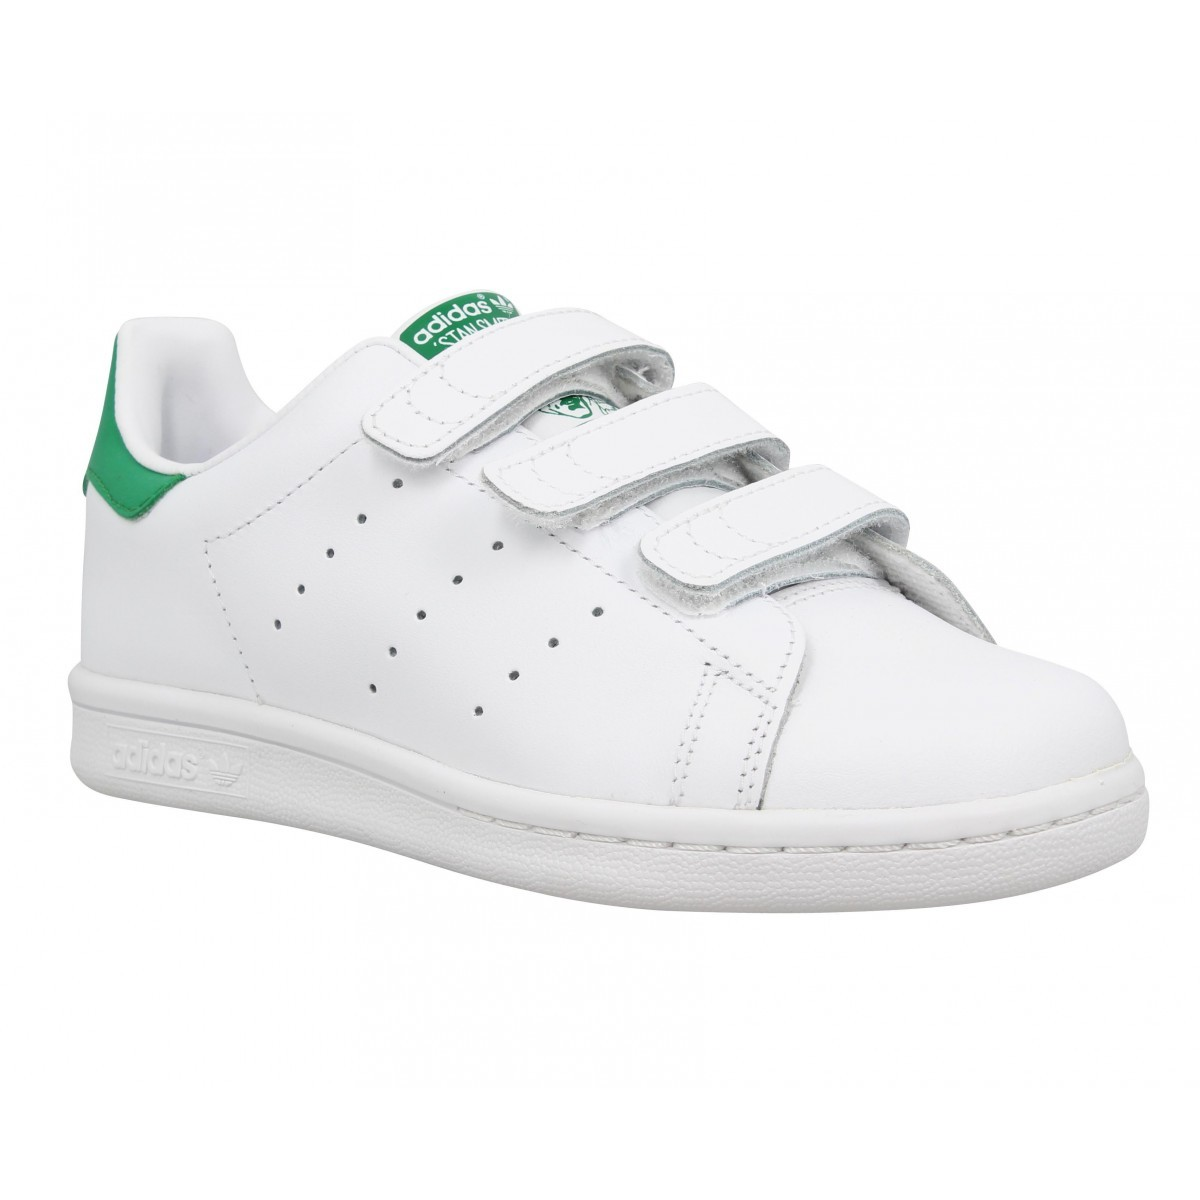 Stan Smith Ii cuir Enfant-30-Blanc + Vert